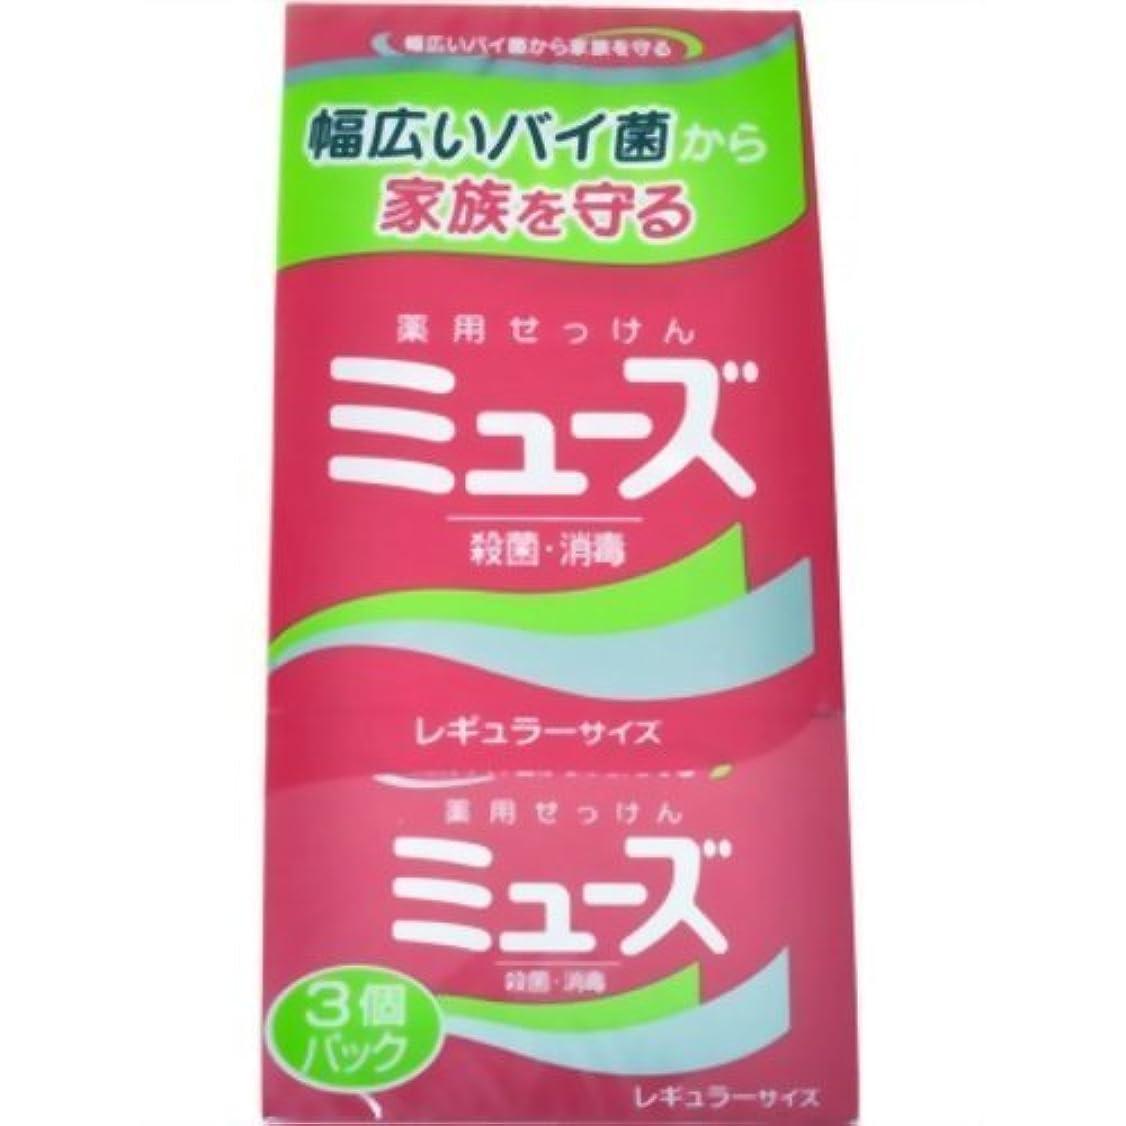 ウガンダ資本主義ミニチュアミューズ石鹸 レギュラー 3P ×6個セット